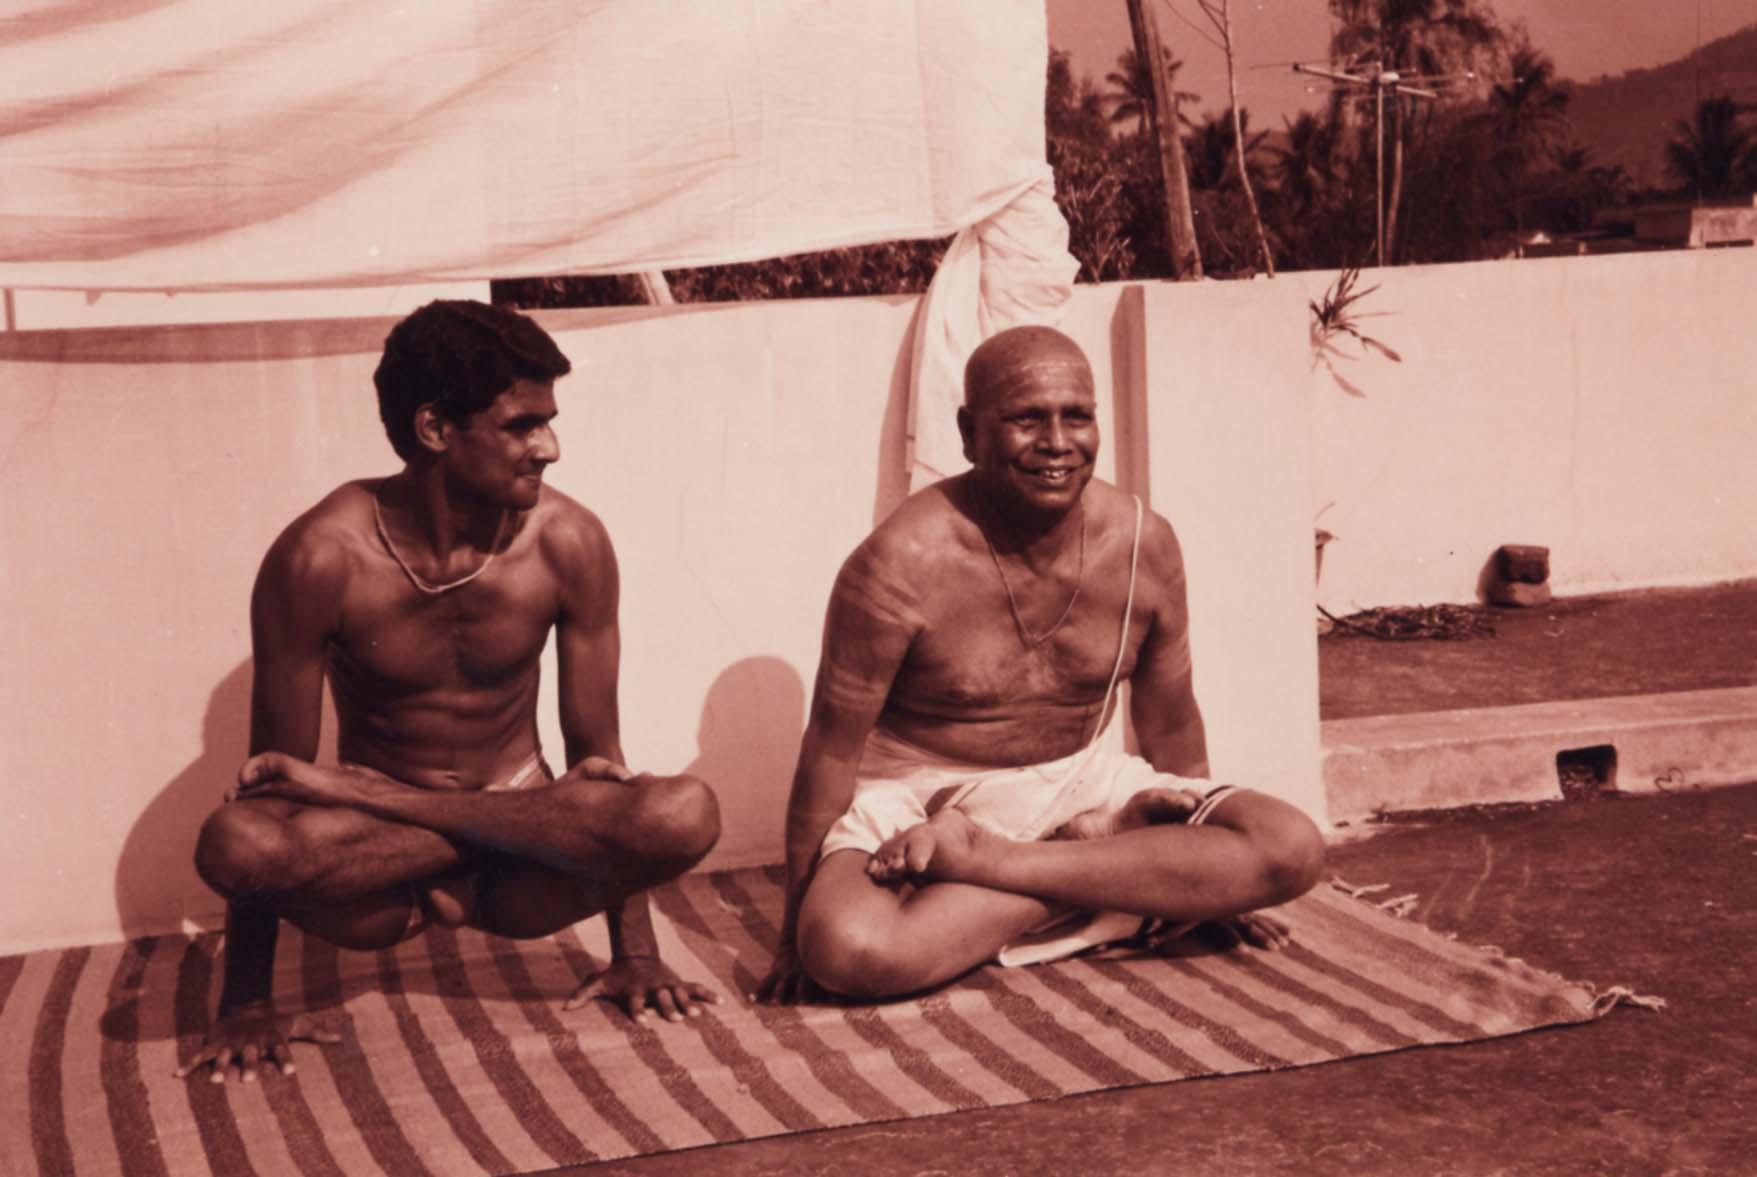 Shri K. Pattabhi Jois and his grandson Sharath